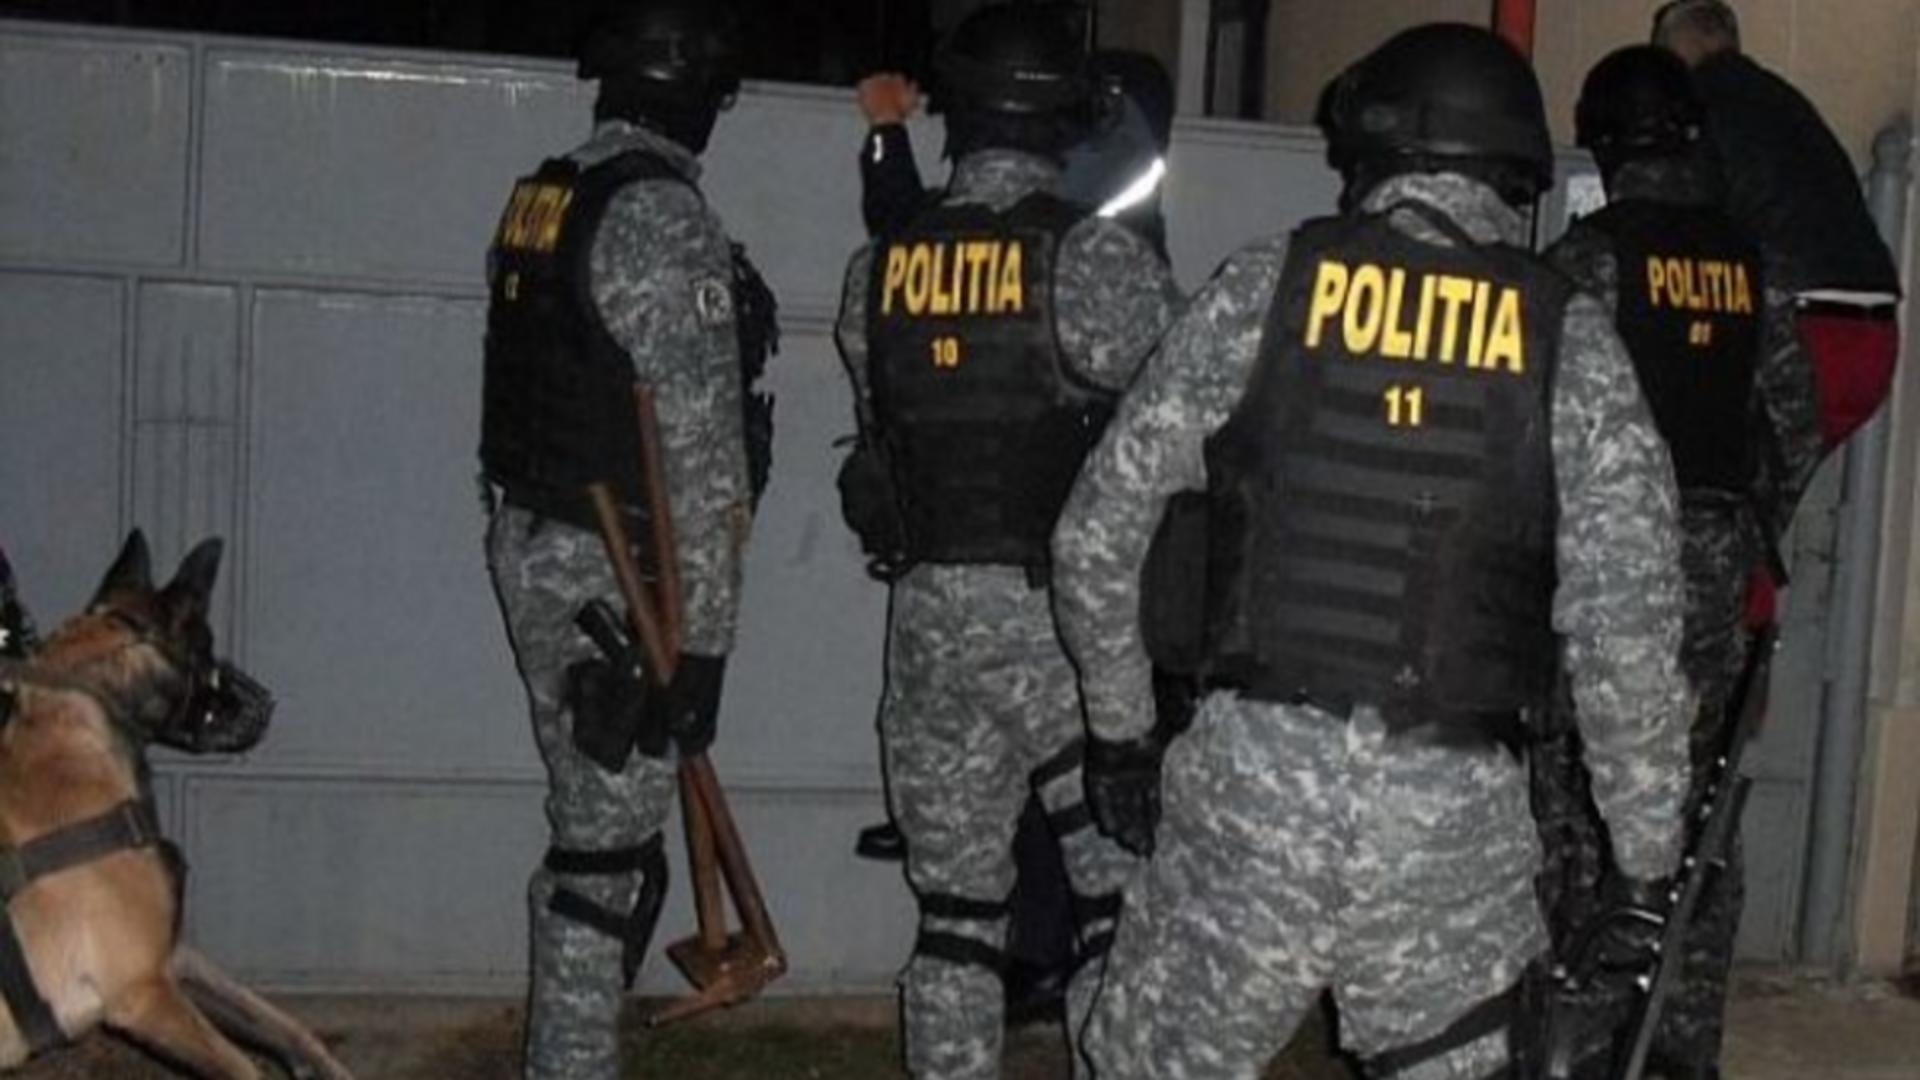 Intervenție poliție în Voluntari, Ilfov